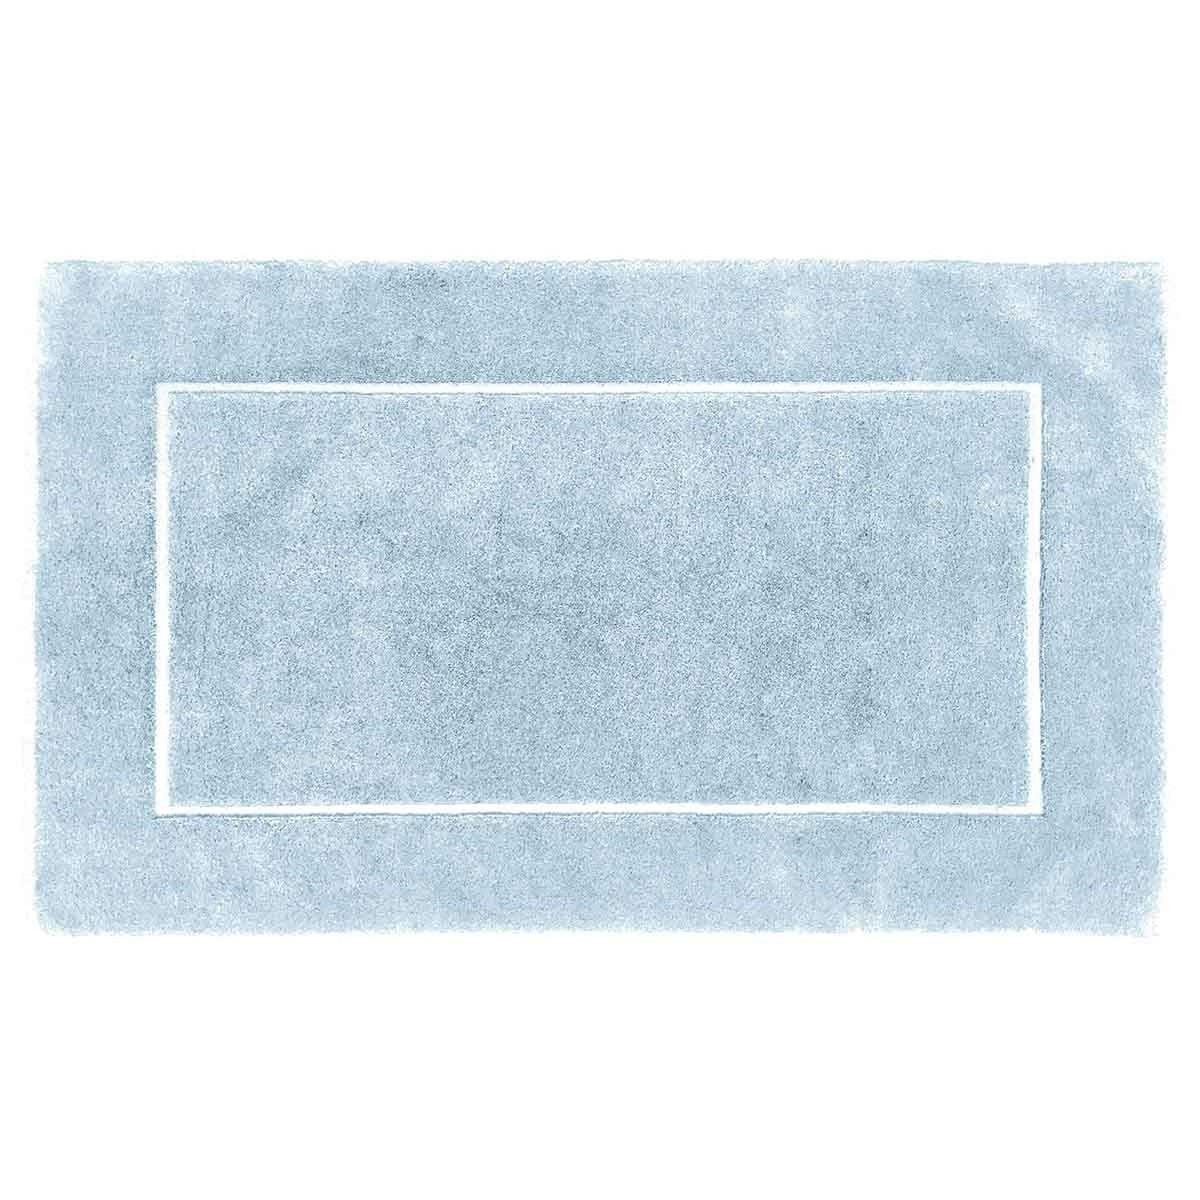 SENSOFT - Tapis de bain 60x100cm 1000gr/m²  Azur